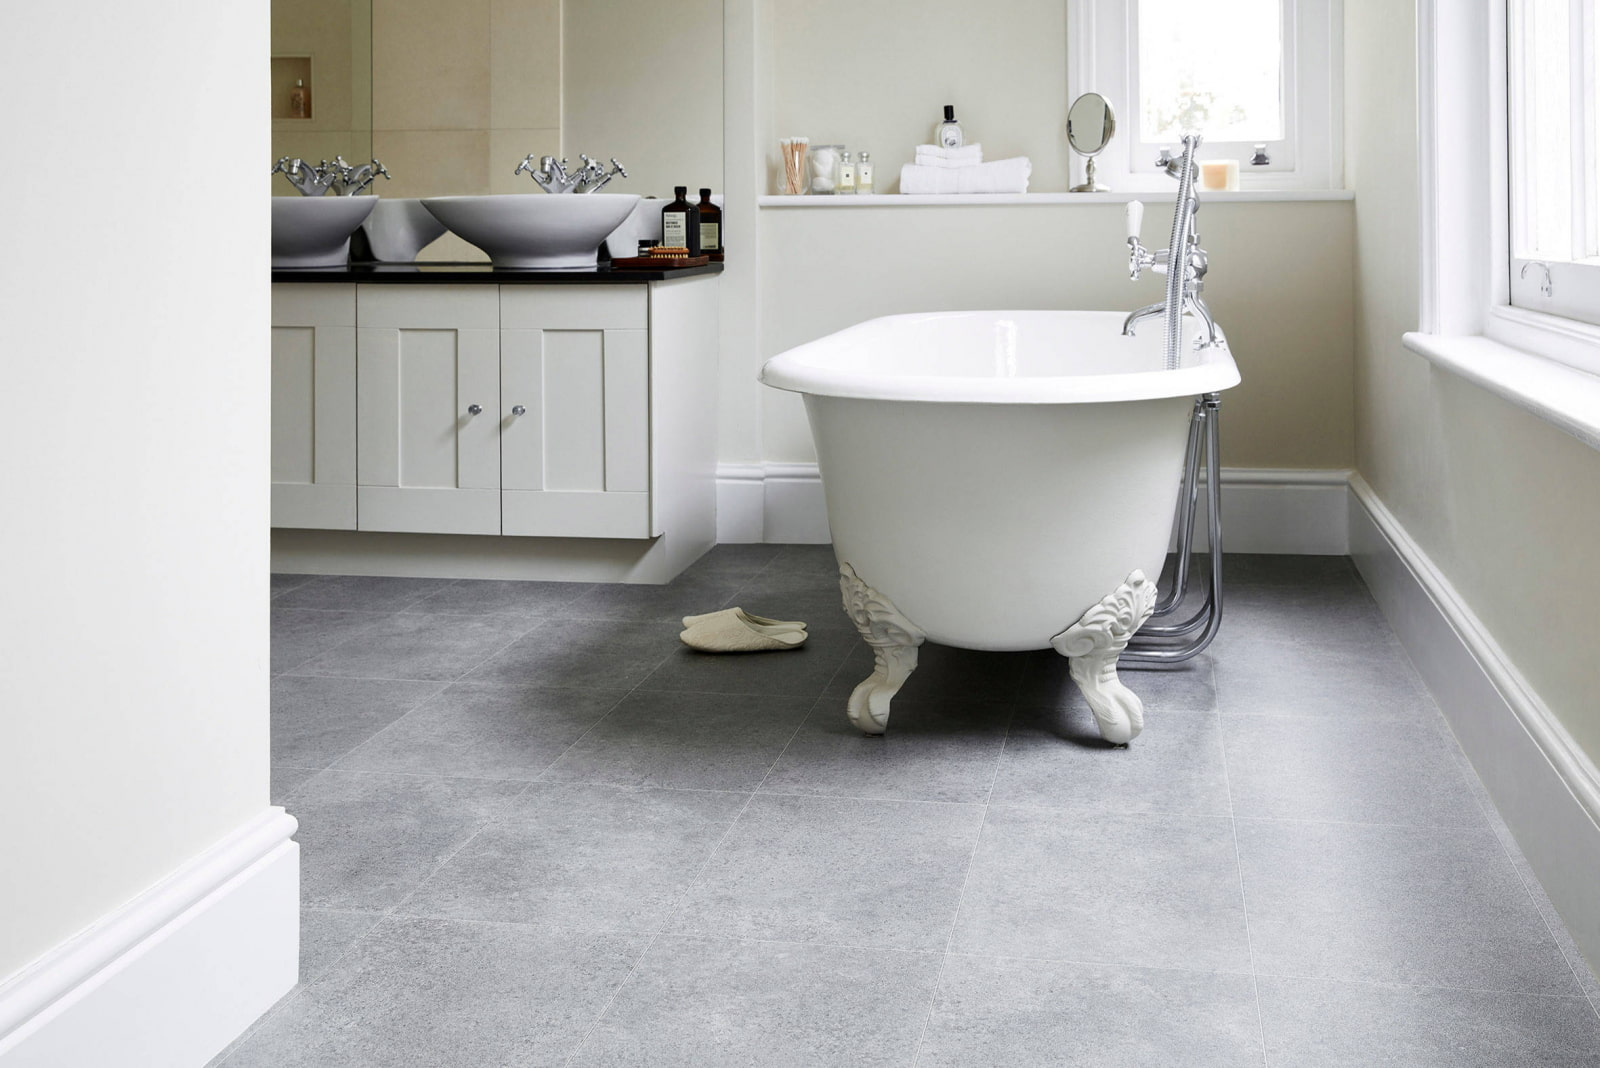 кварц-виниловая плитка для пола в ванной